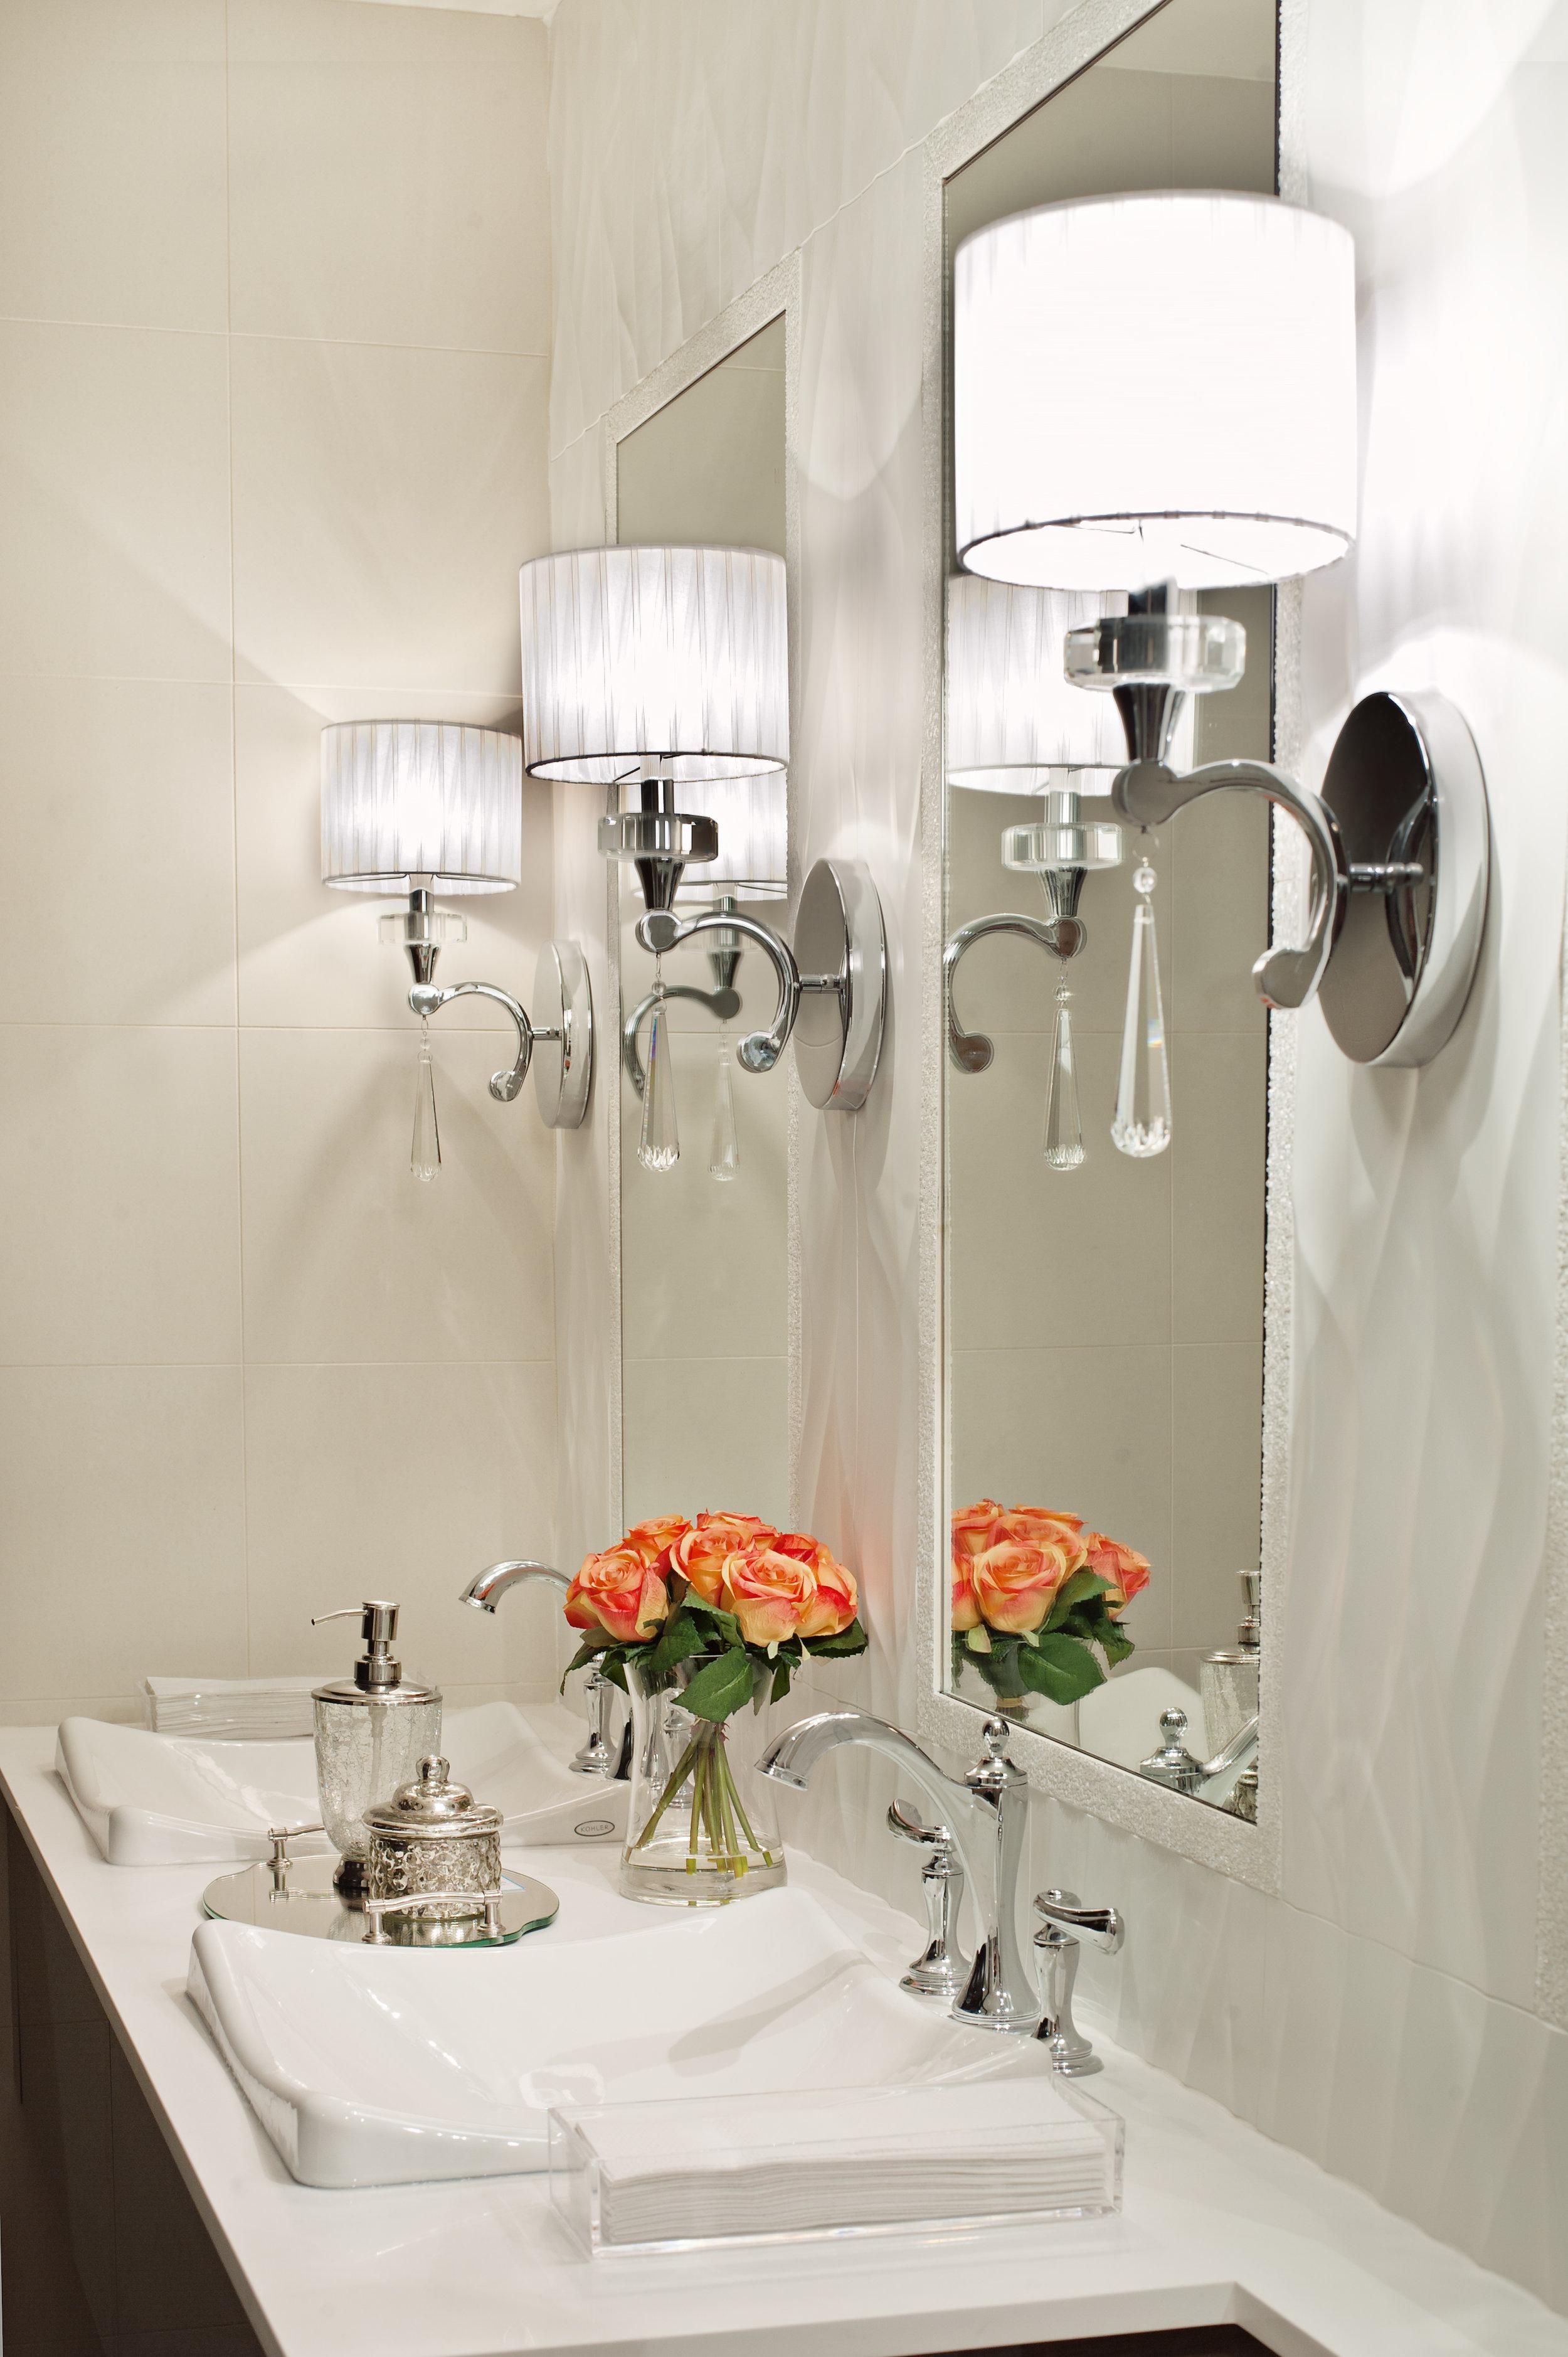 Restaurant Bathroom Light Sconce 2.jpg